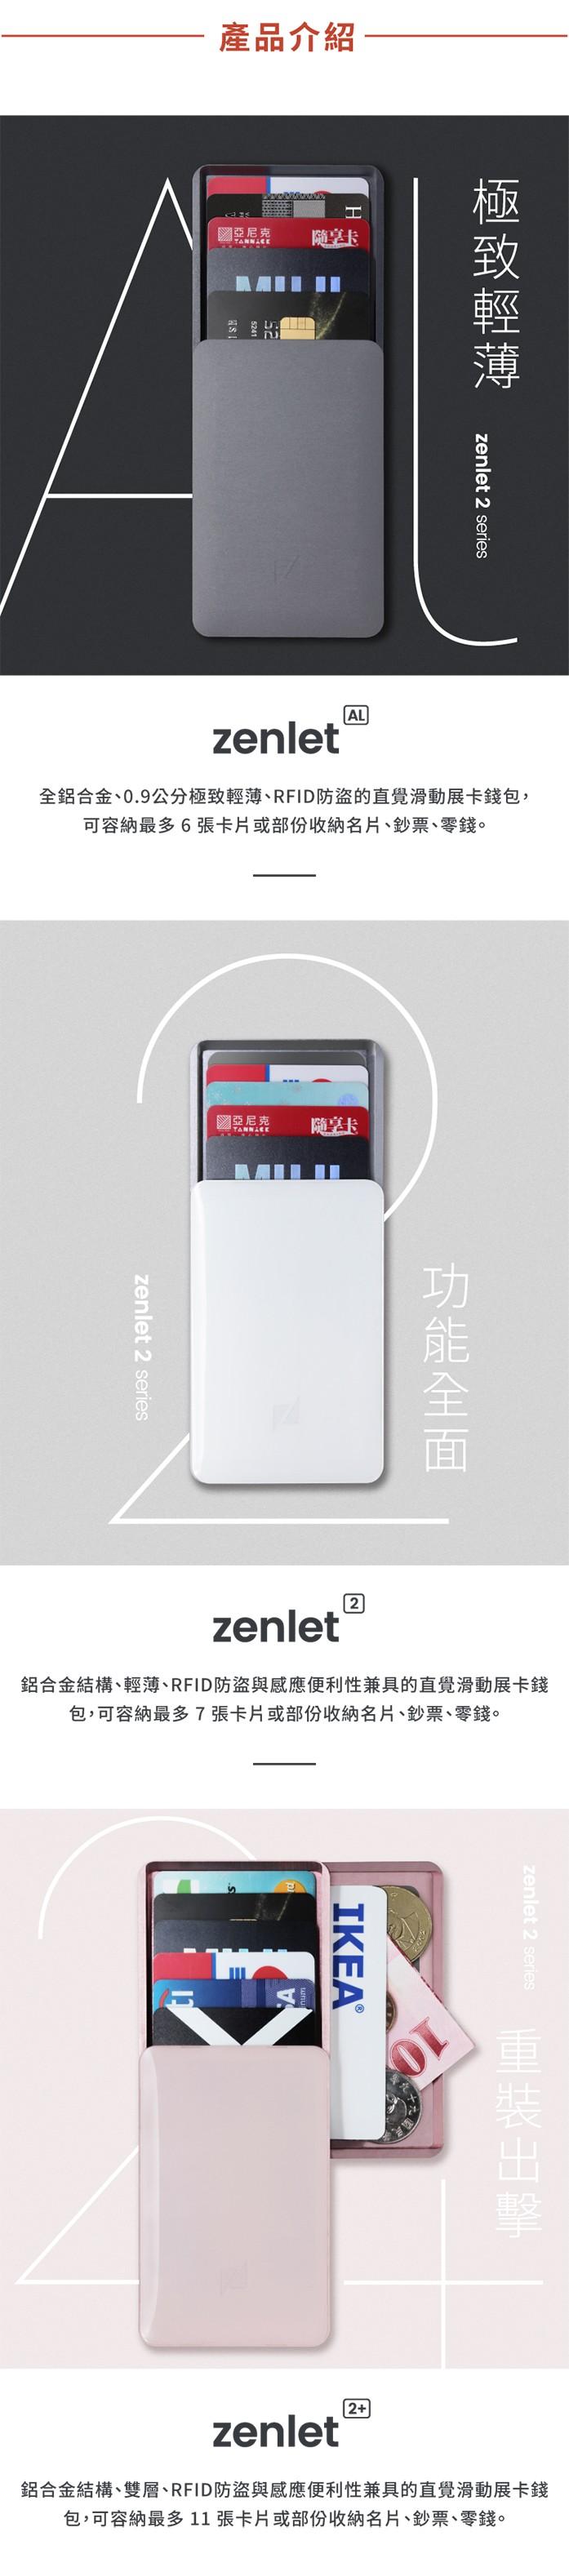 Zenlet 第二代 滑動錢包 6